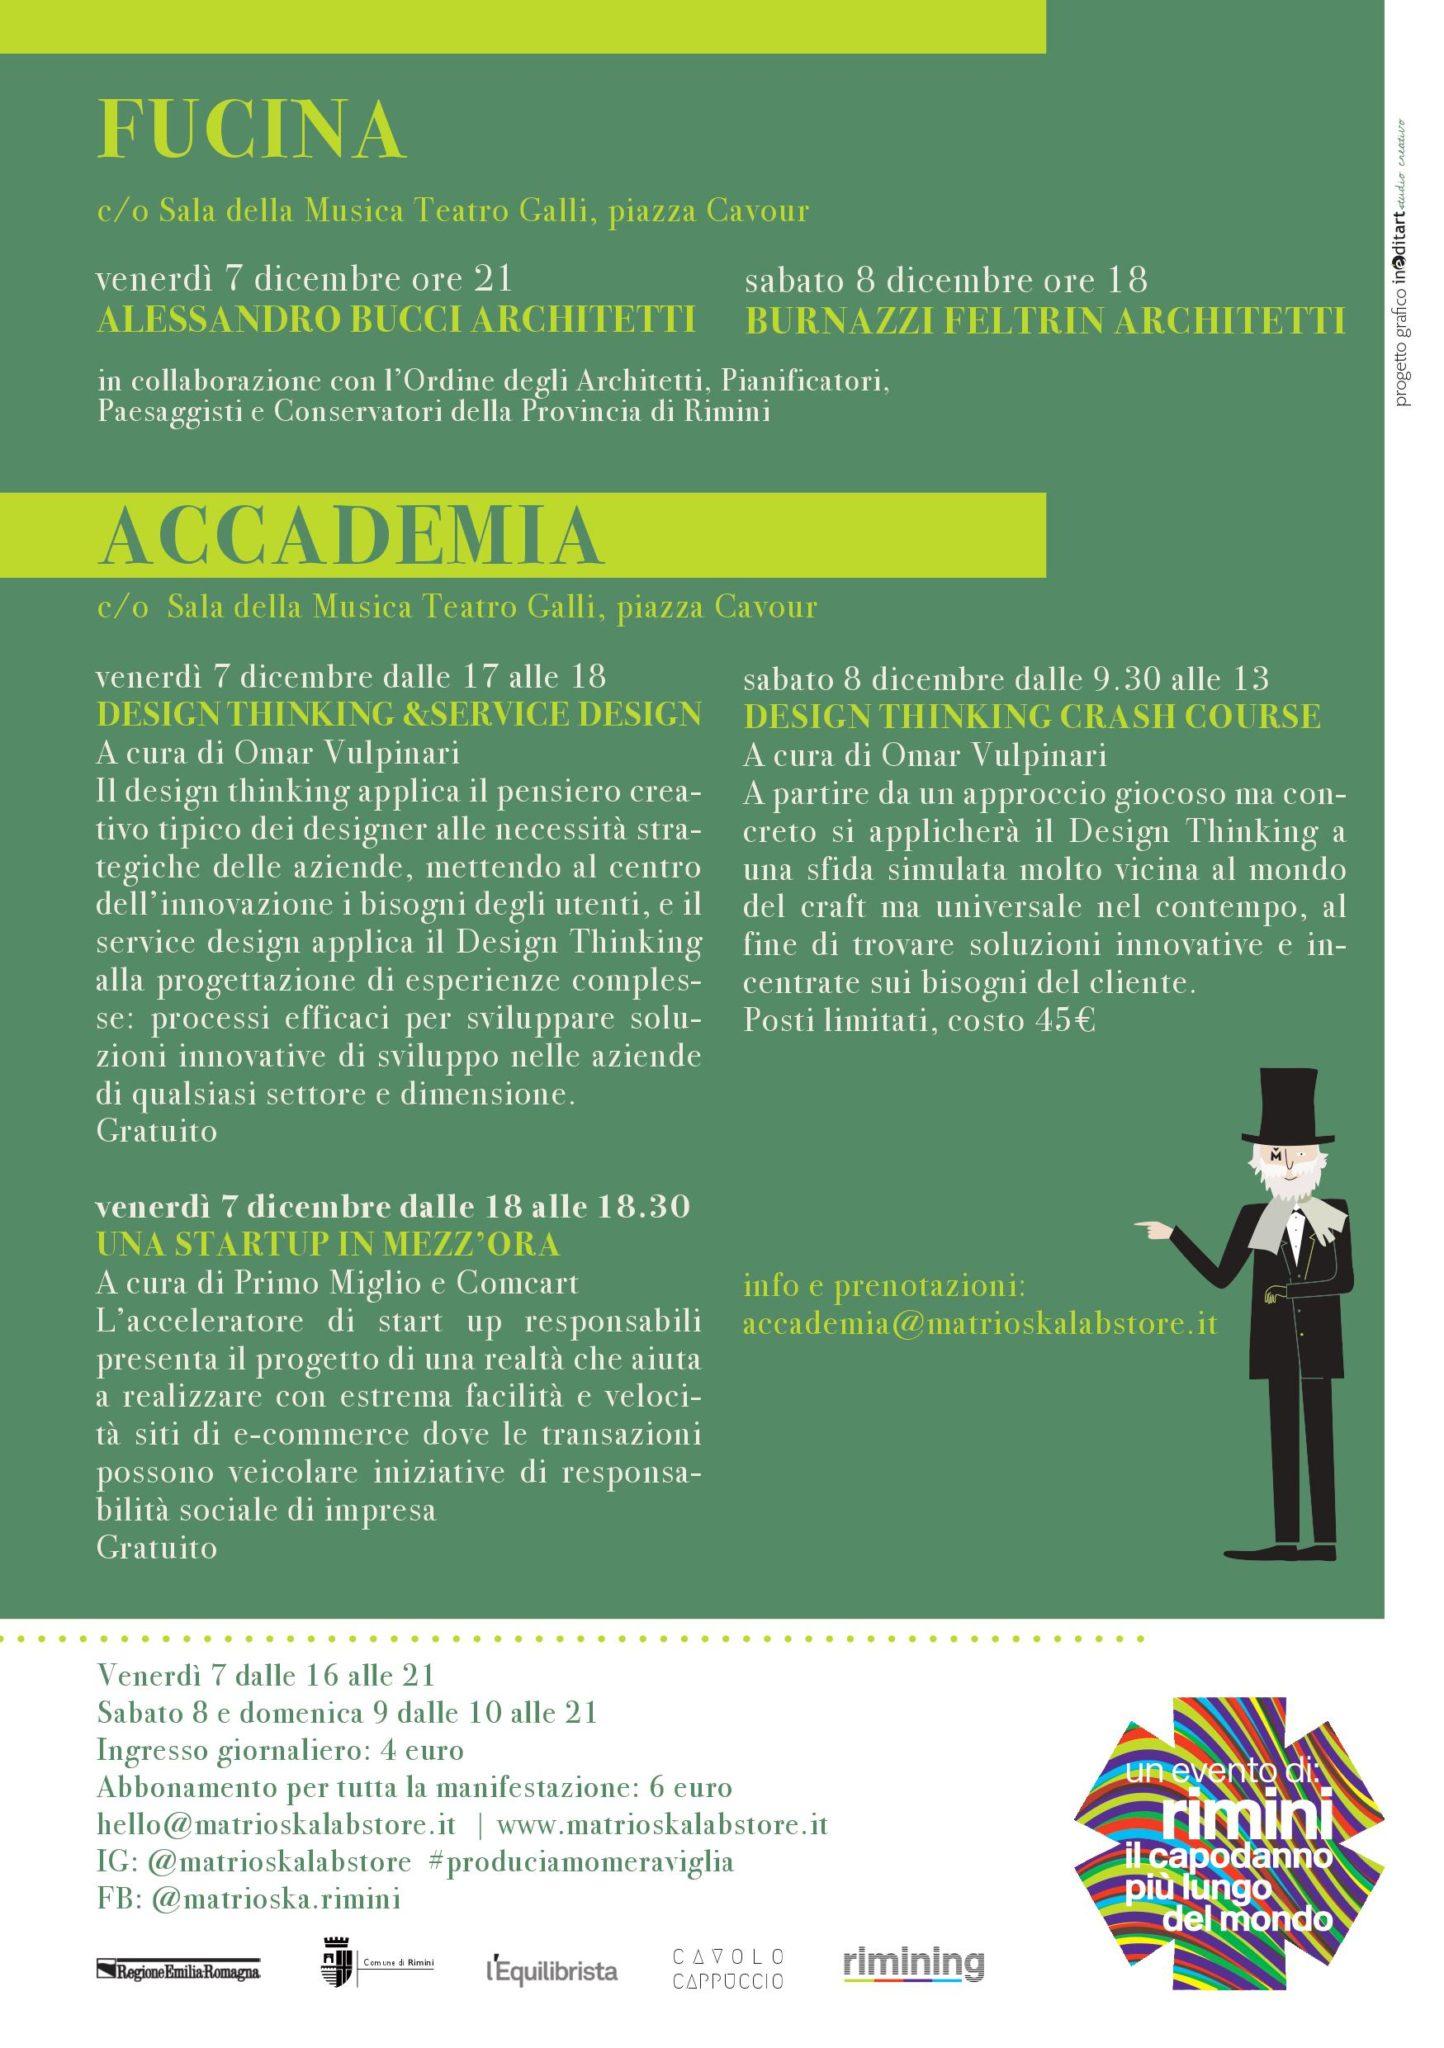 Programma Fucina e Accademia / Matrioska Labstore #14 / Rimini 7-8-9 dicembre 2018